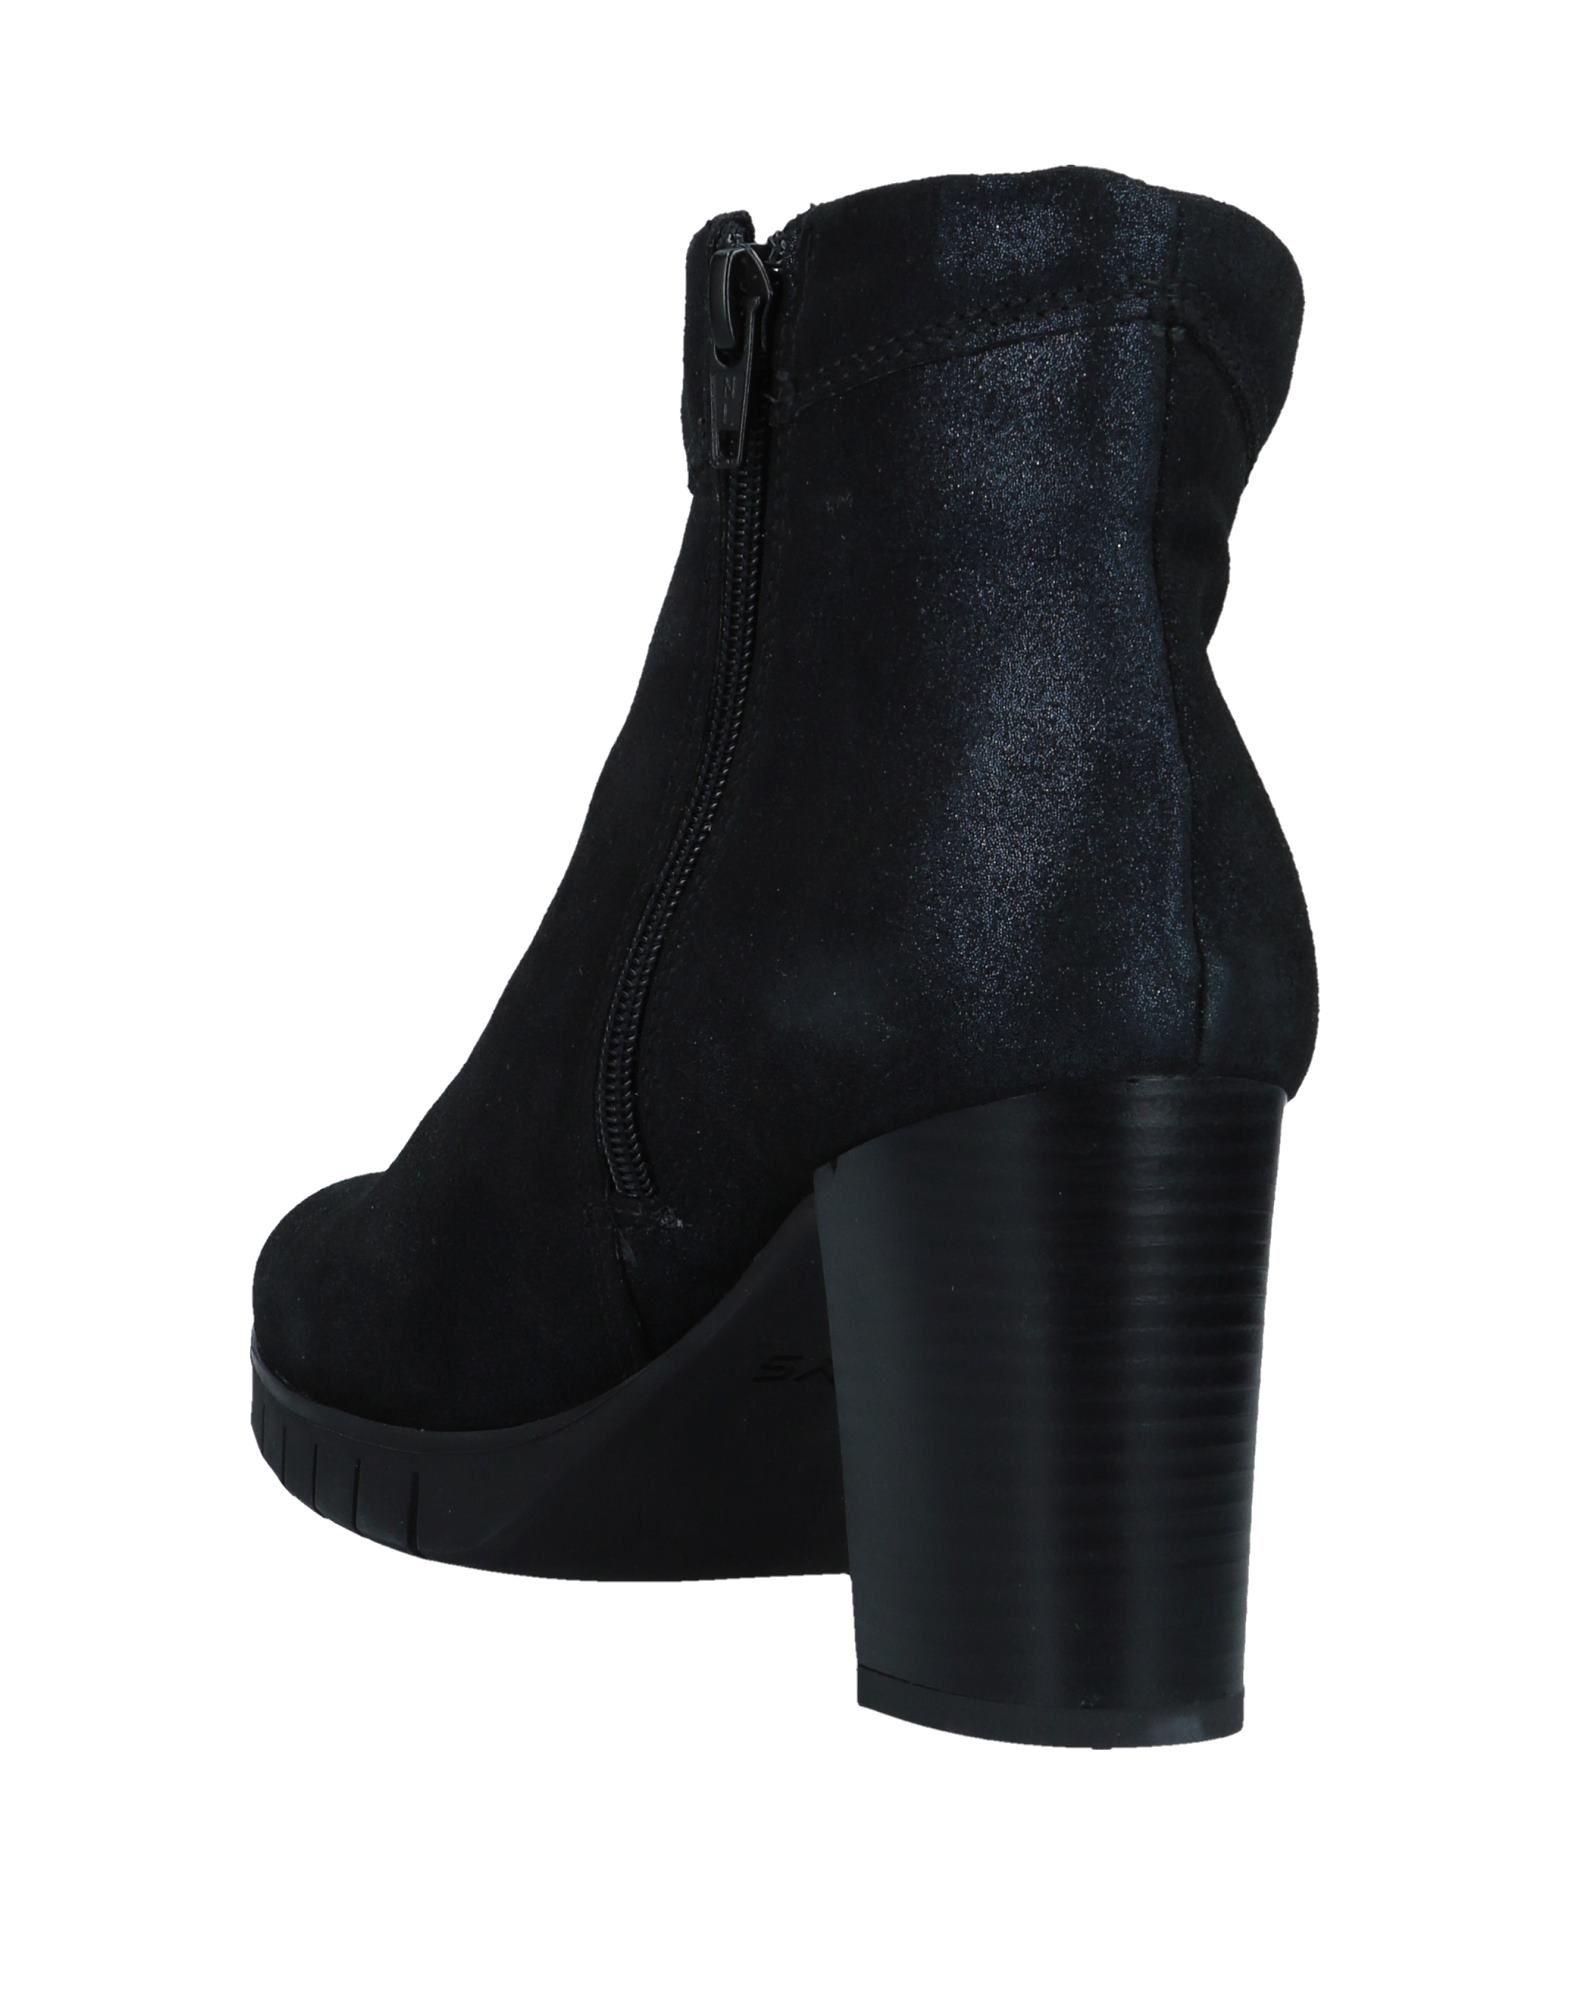 Keys Stiefelette Damen beliebte  11548872FH Gute Qualität beliebte Damen Schuhe ad7782